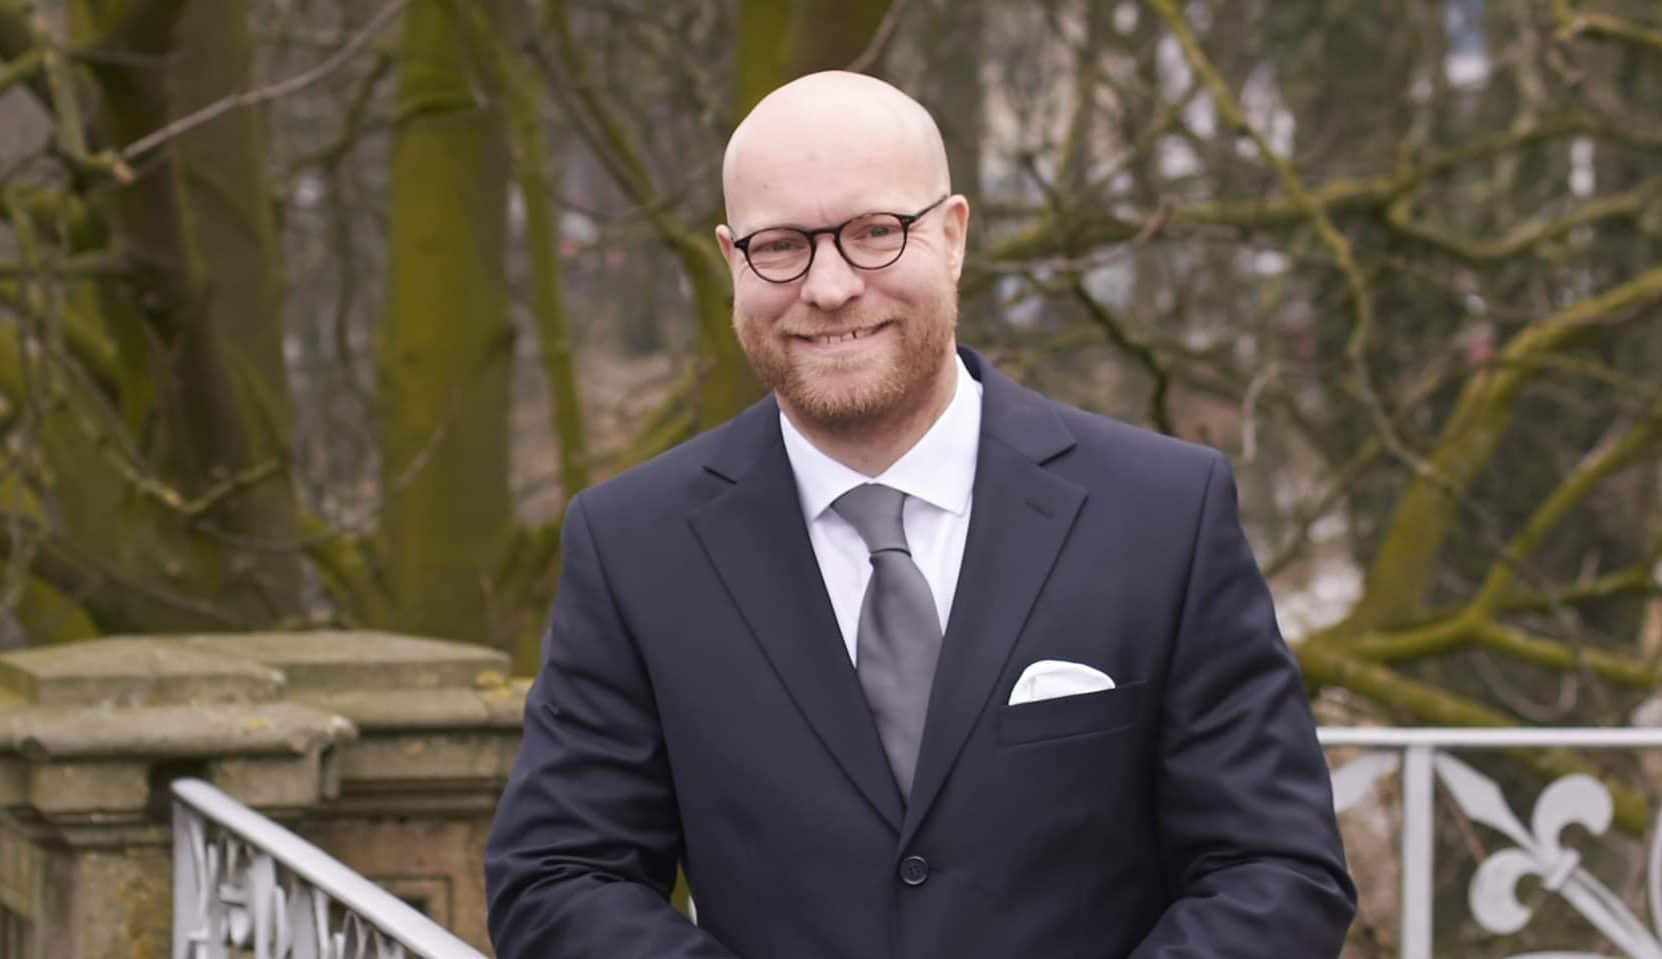 Maschine, Mensch, Meinung - Prof. Dr. Andreas Moring zeigt die Potenziale von Künstlicher Intelligenz auf.